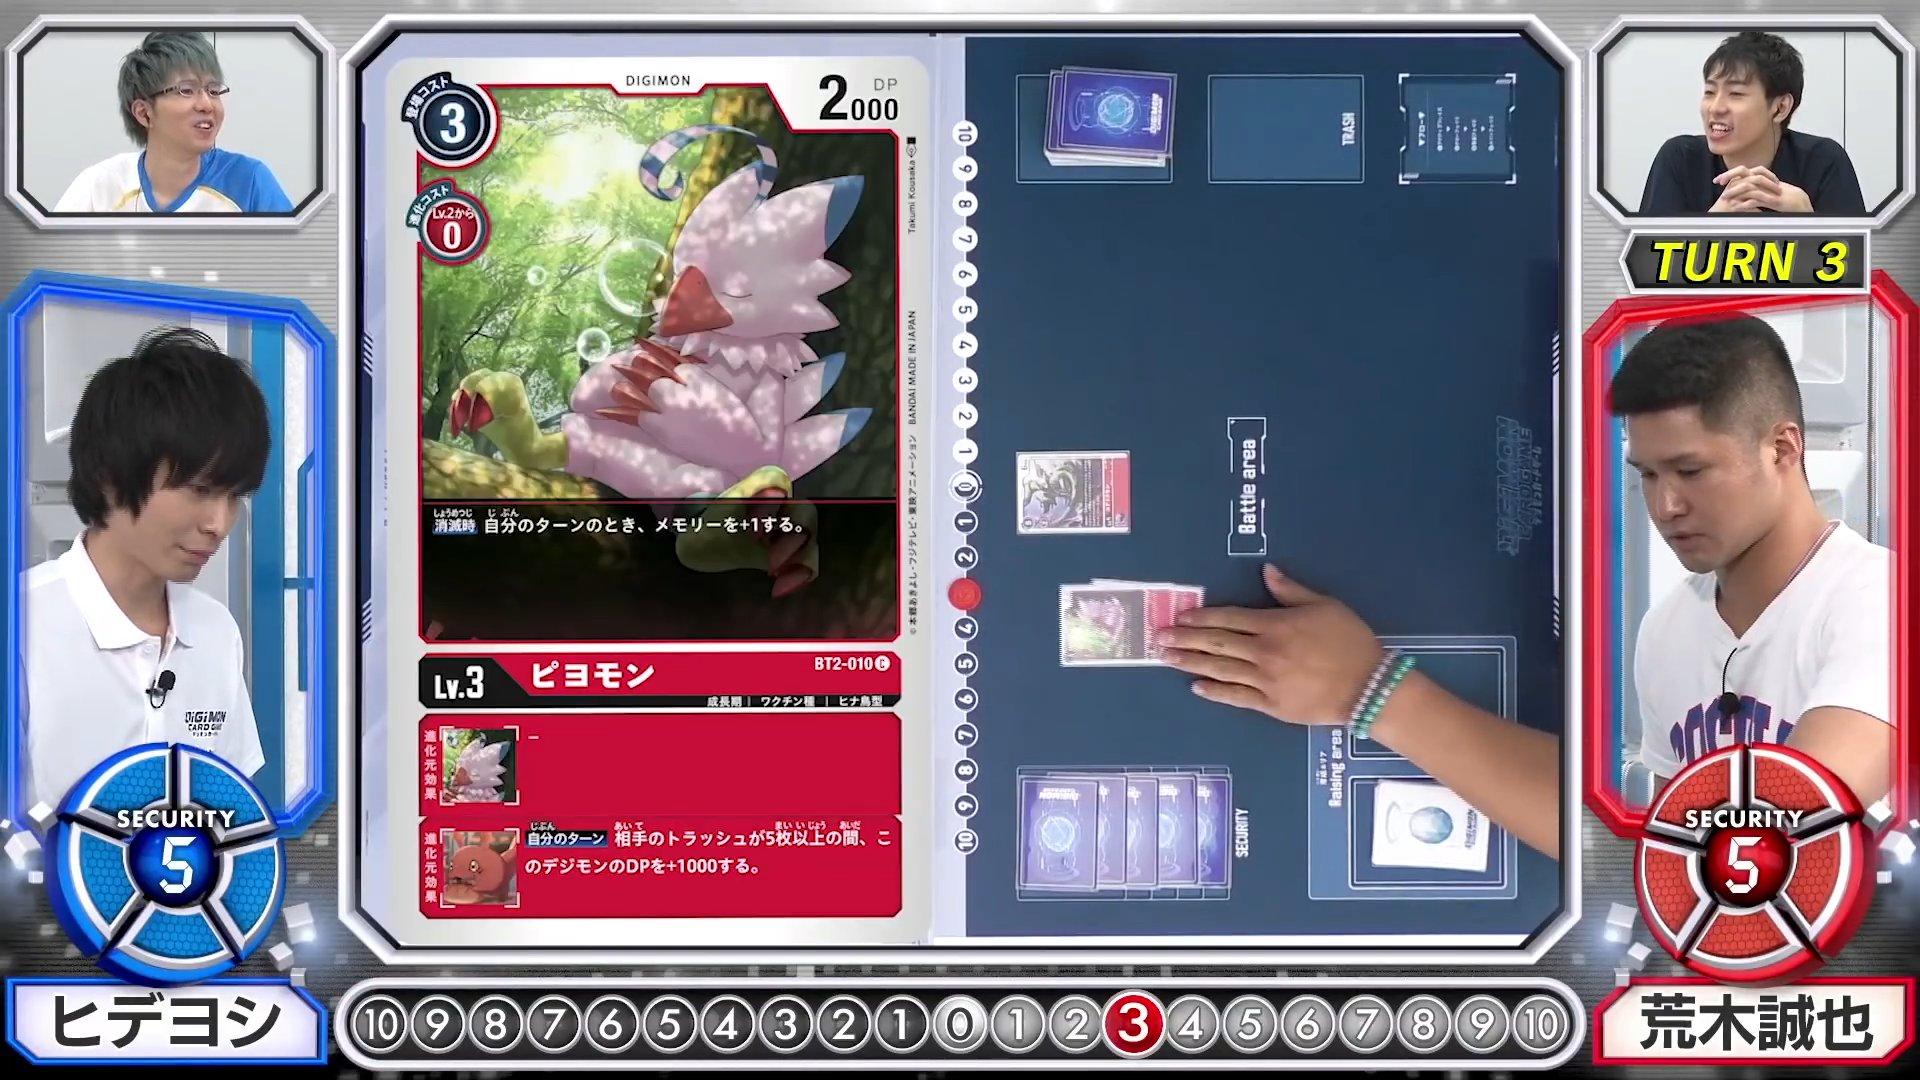 cardgamebattle9_04_july17_2020.jpg